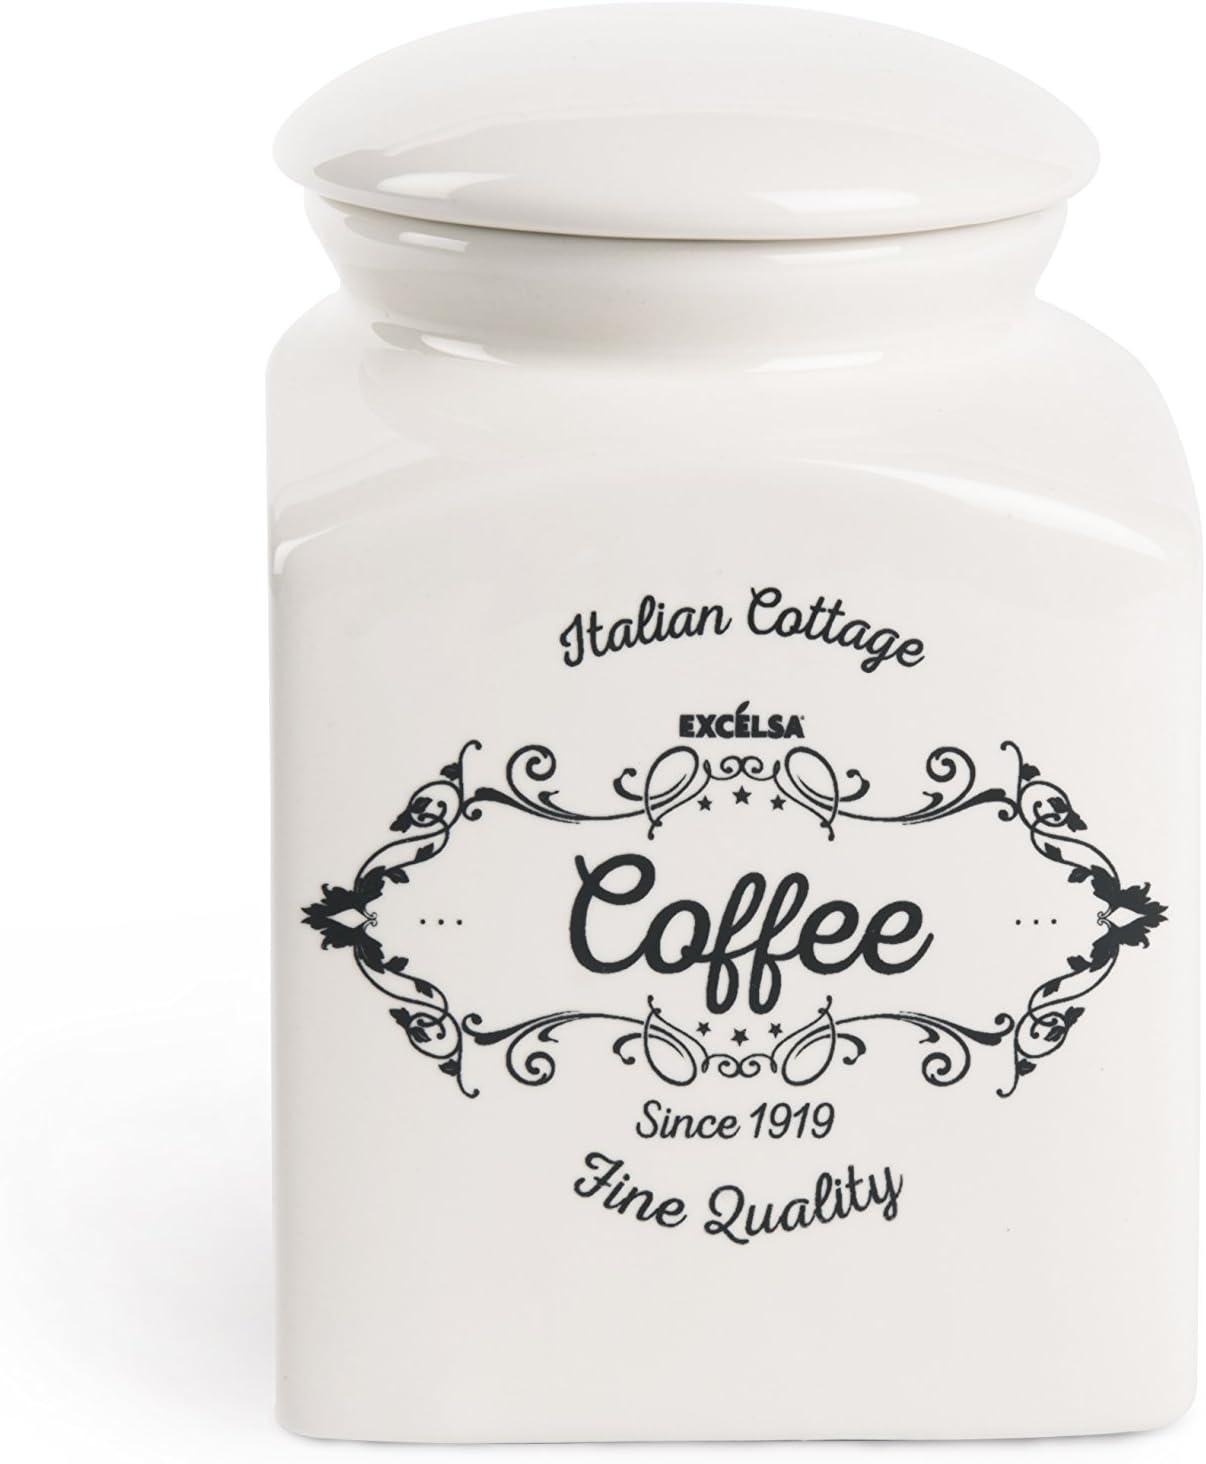 Excelsa Fin Quality Bocal /à caf/é C/éramique Blanc